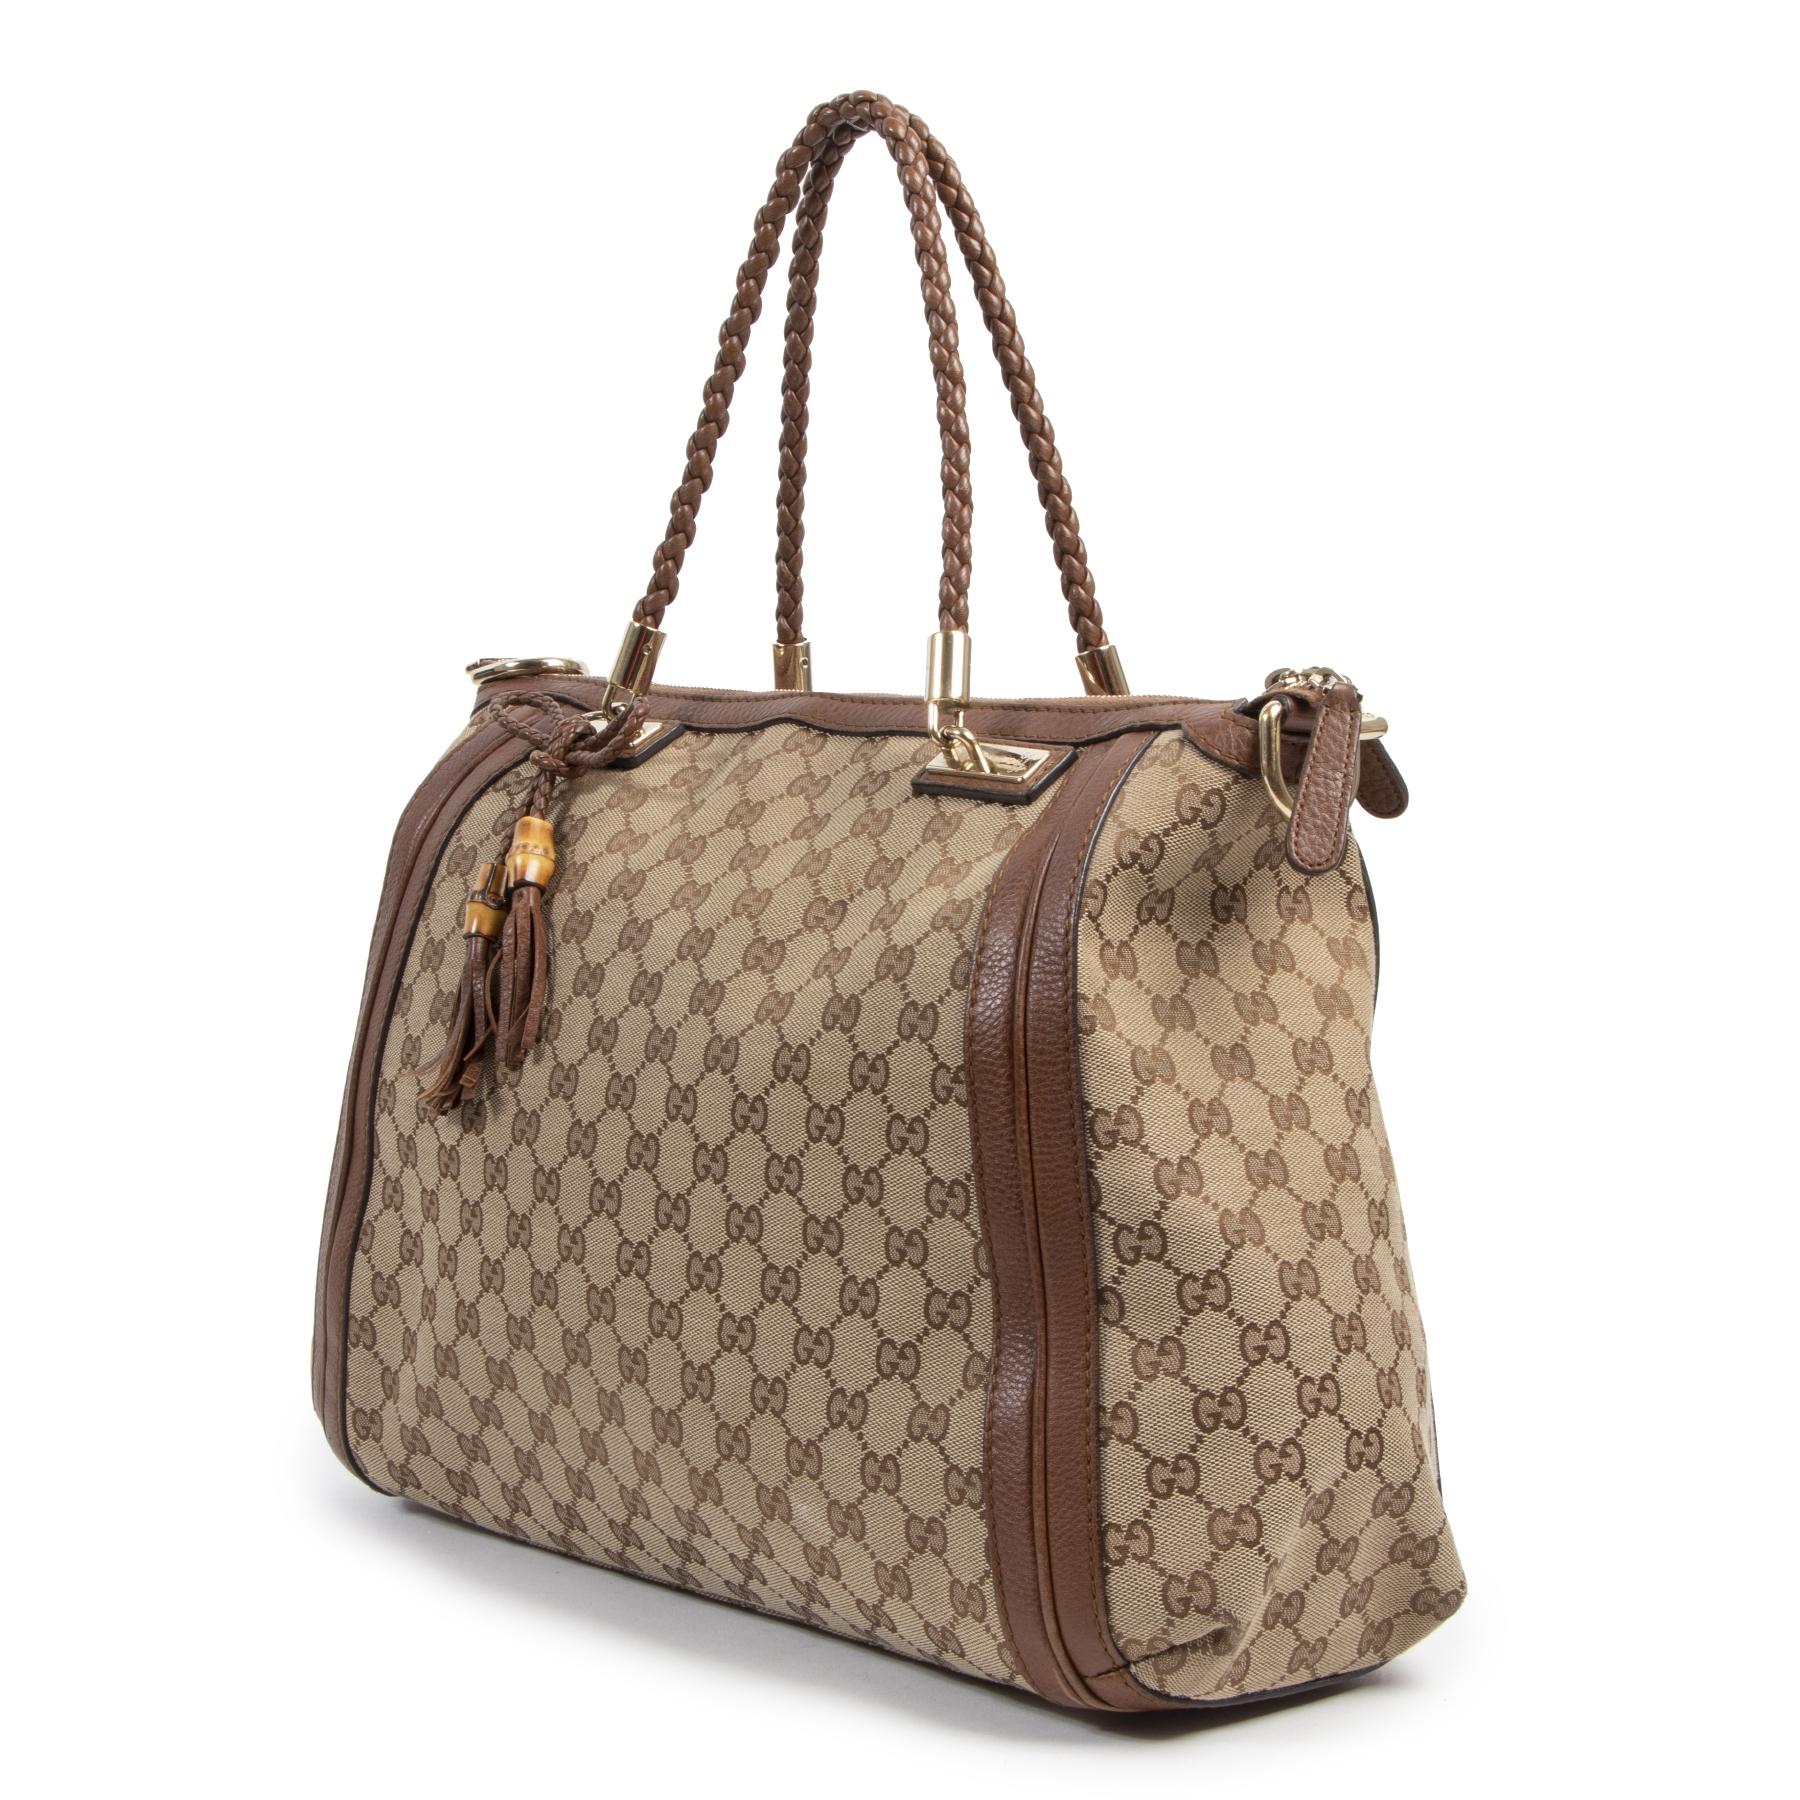 Authentieke Tweedehands Gucci Bella Monogram Canvas Tote Satchel Bag juiste prijs veilig online shoppen luxe merken webshop winkelen Antwerpen België mode fashion